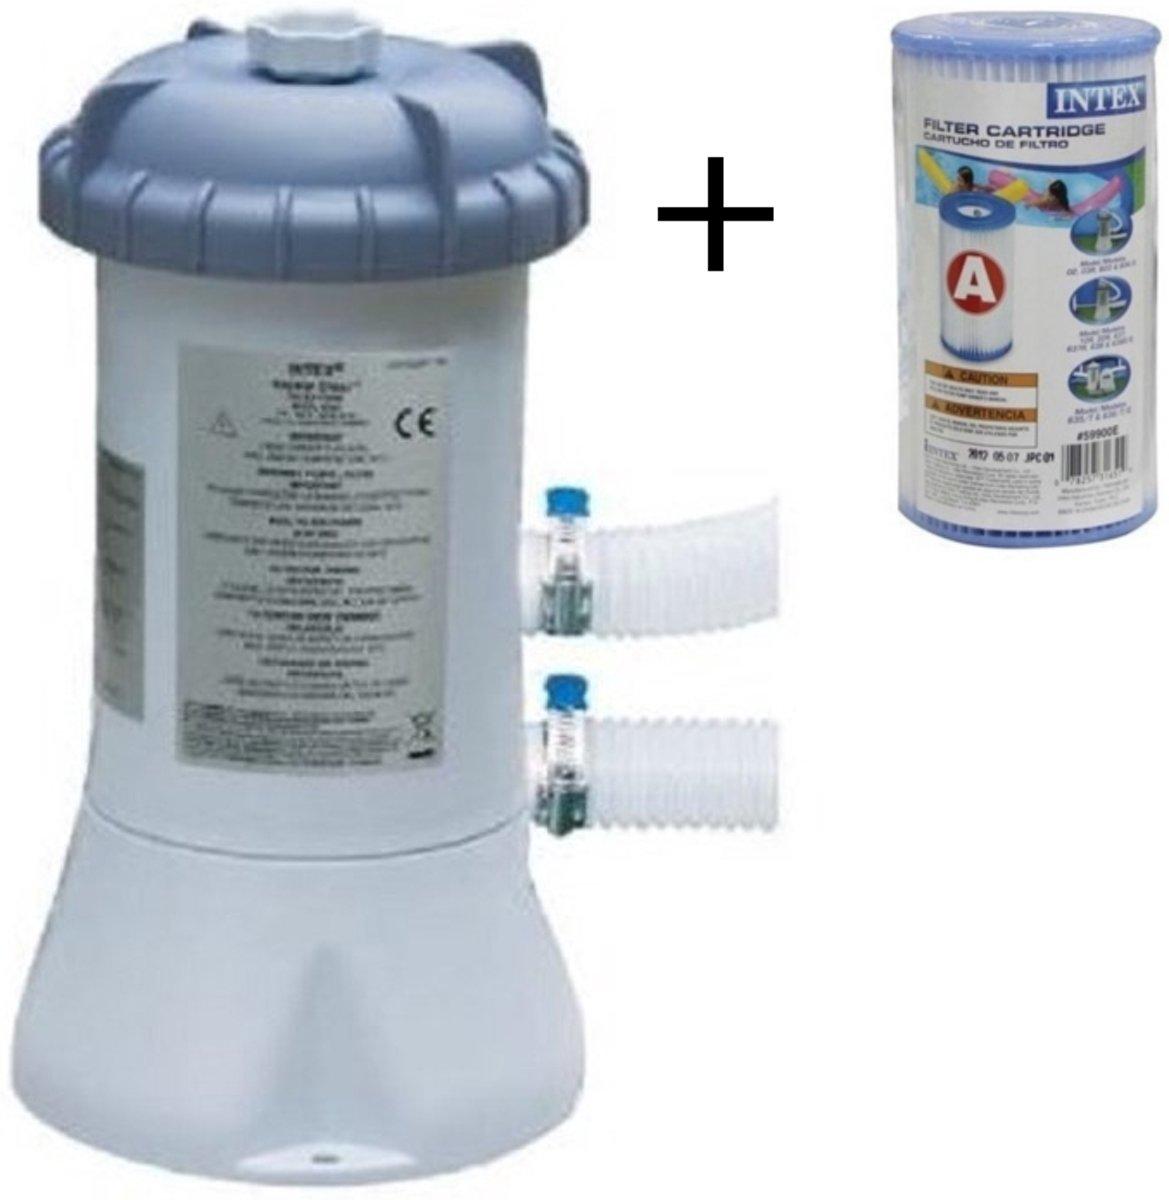 Intex Zwembad Filterpomp 3407 L/uur – NU met reparatiesetje